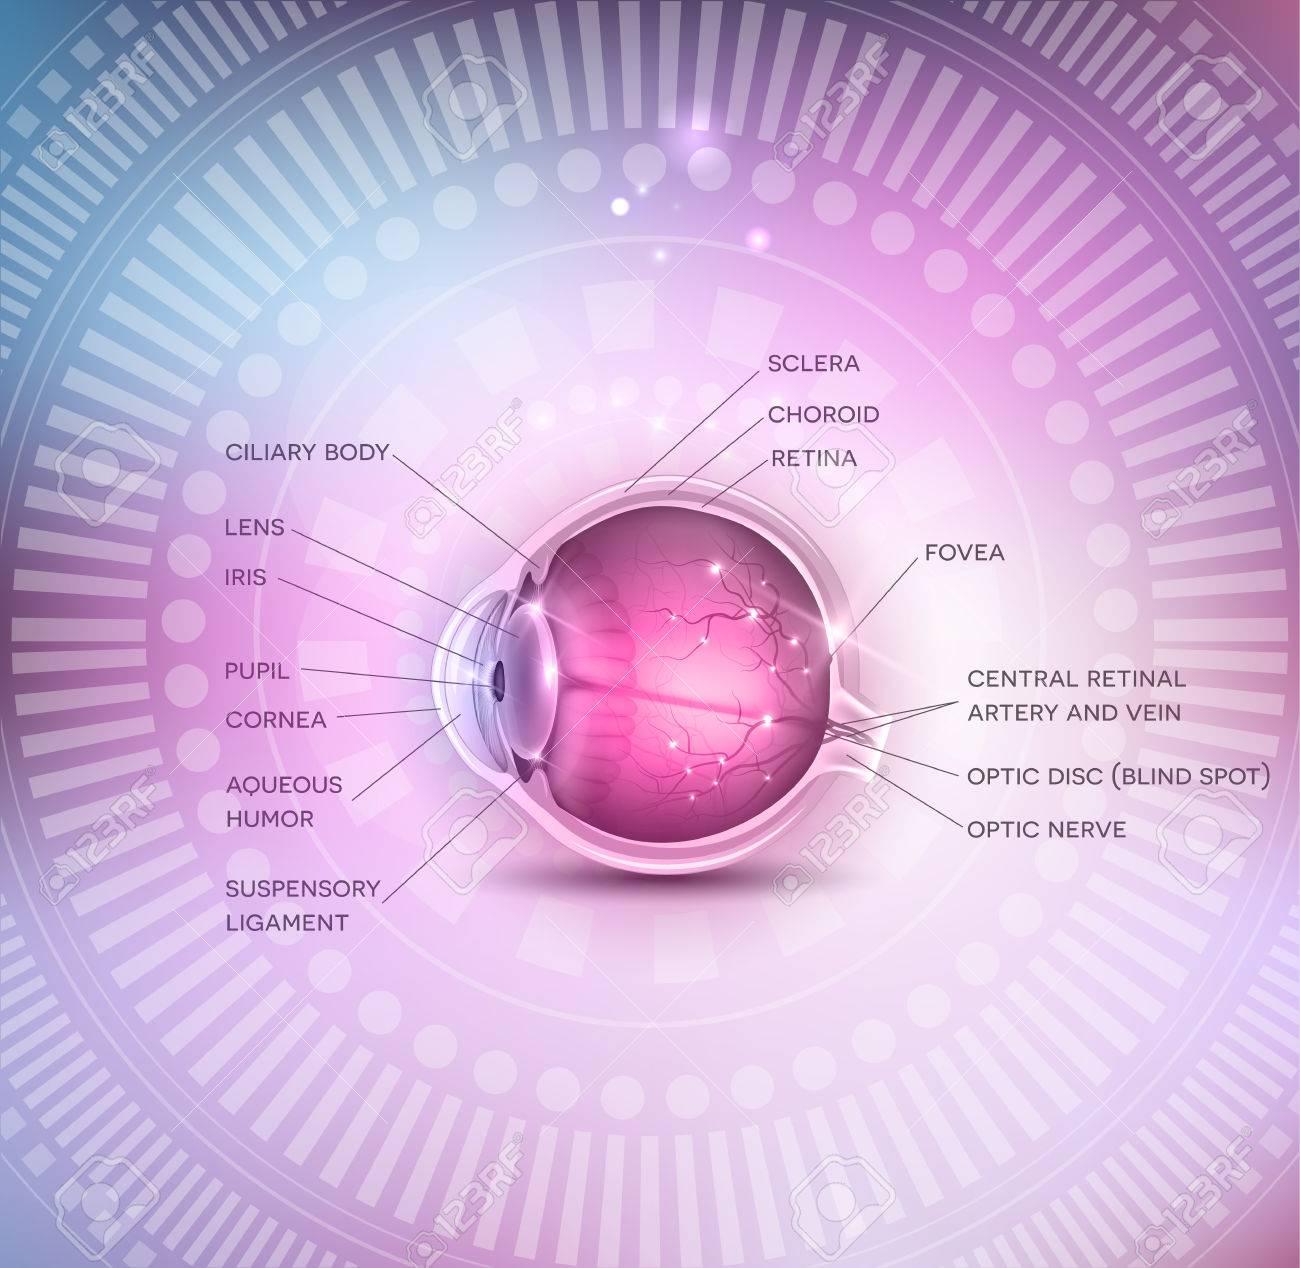 La Anatomía Normal Del Ojo En Un Fondo Hermoso Colorido De Malla ...